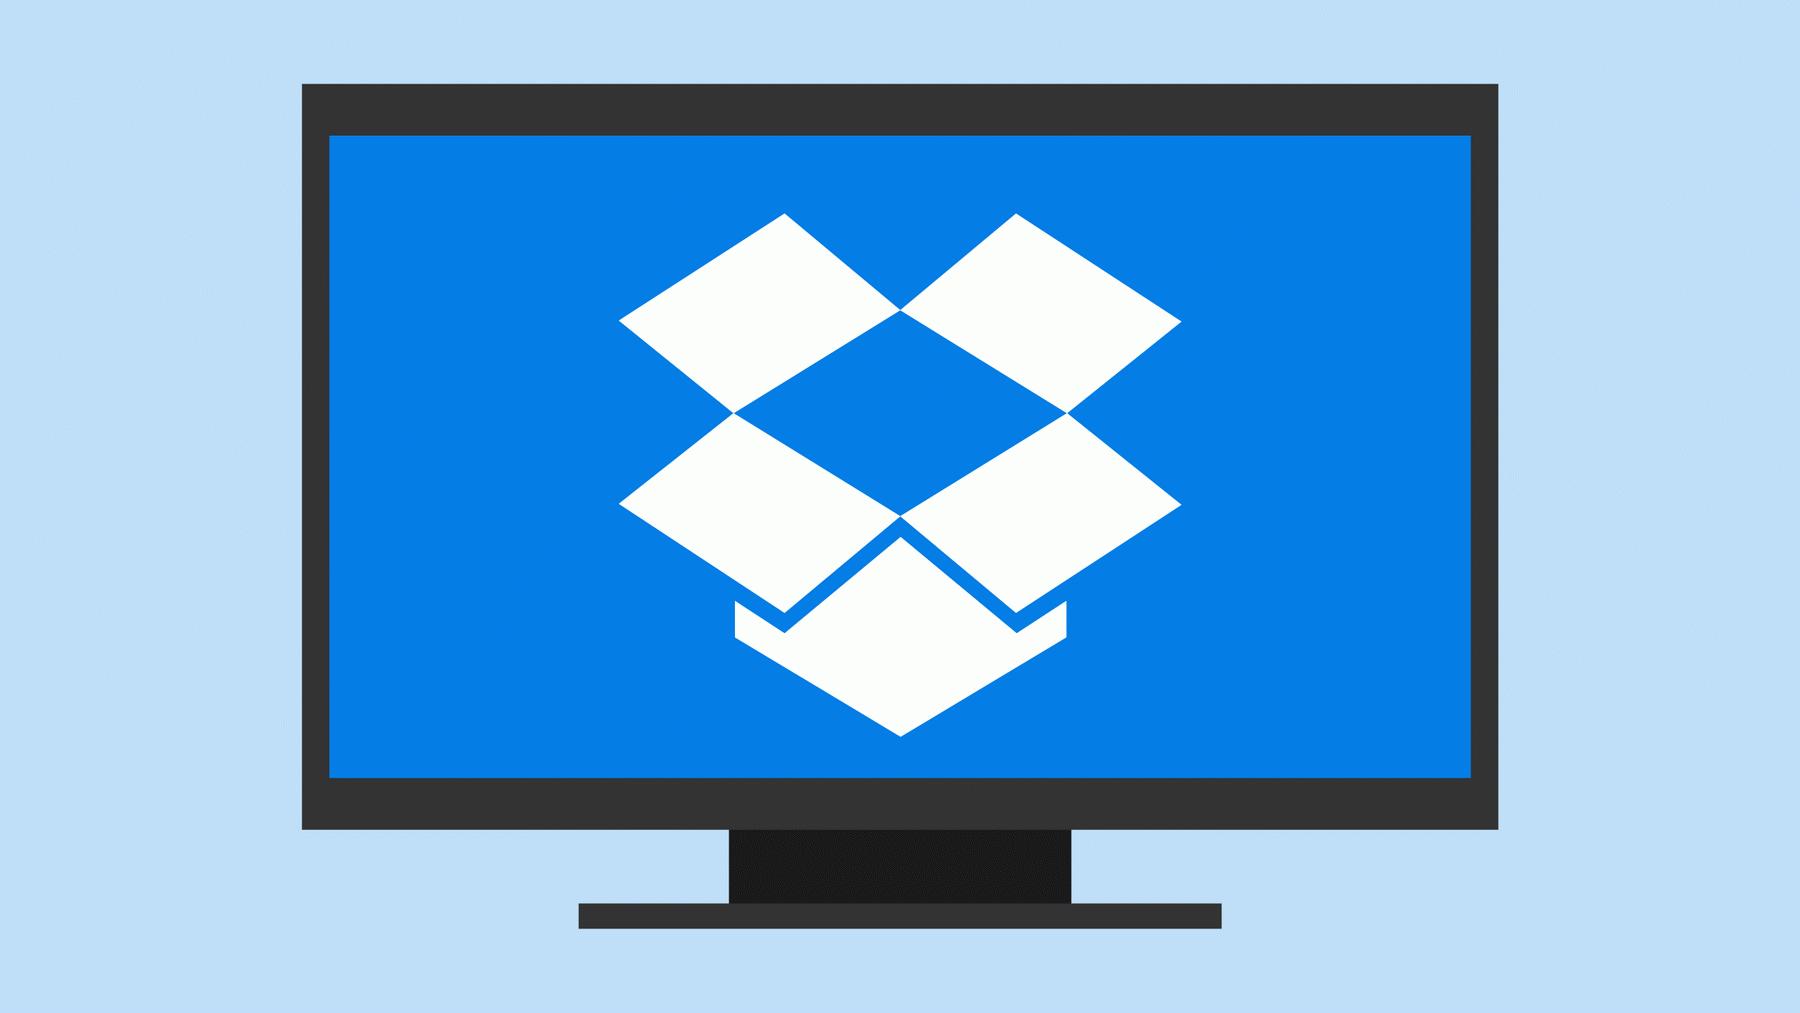 Пентест Dropbox помог обнаружить три уязвимости нулевого дня в продуктах Apple